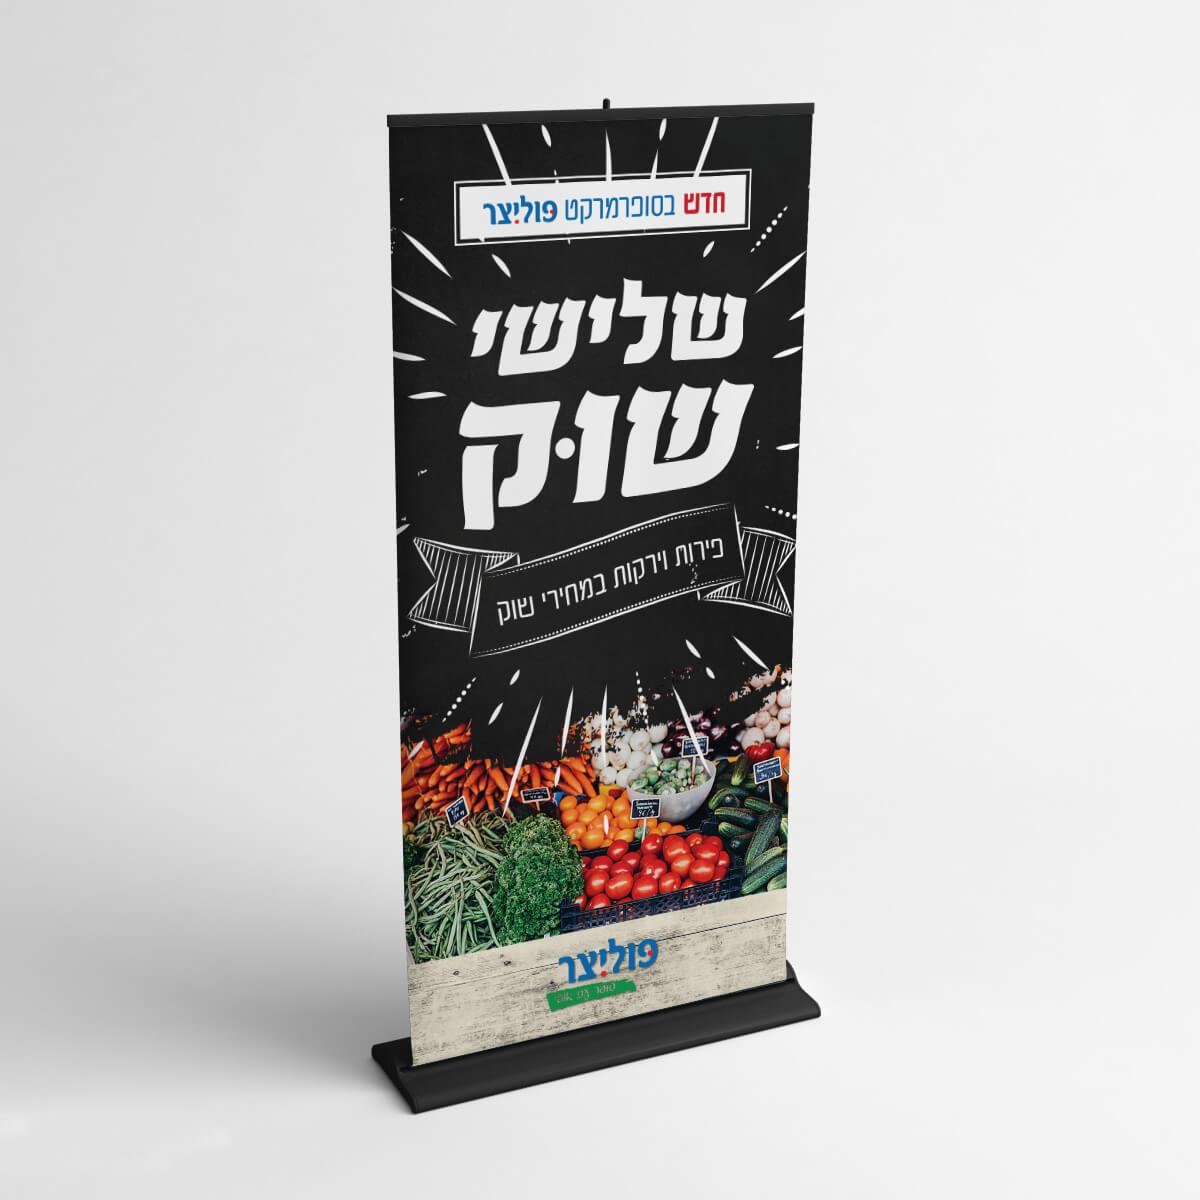 עיצוב רולאפ שיווקי סופרמרקט פוליצר | ליאור דקל ליבה